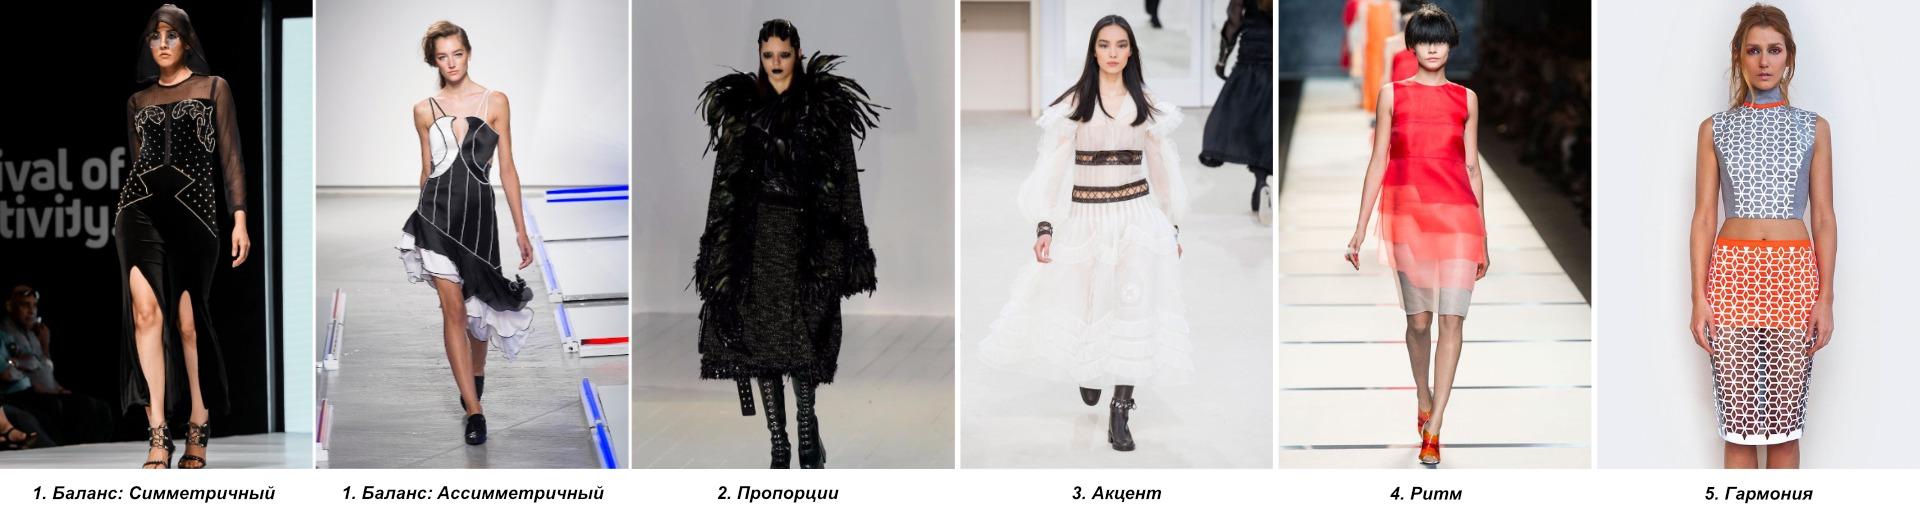 5 главных принципов модного дизайна